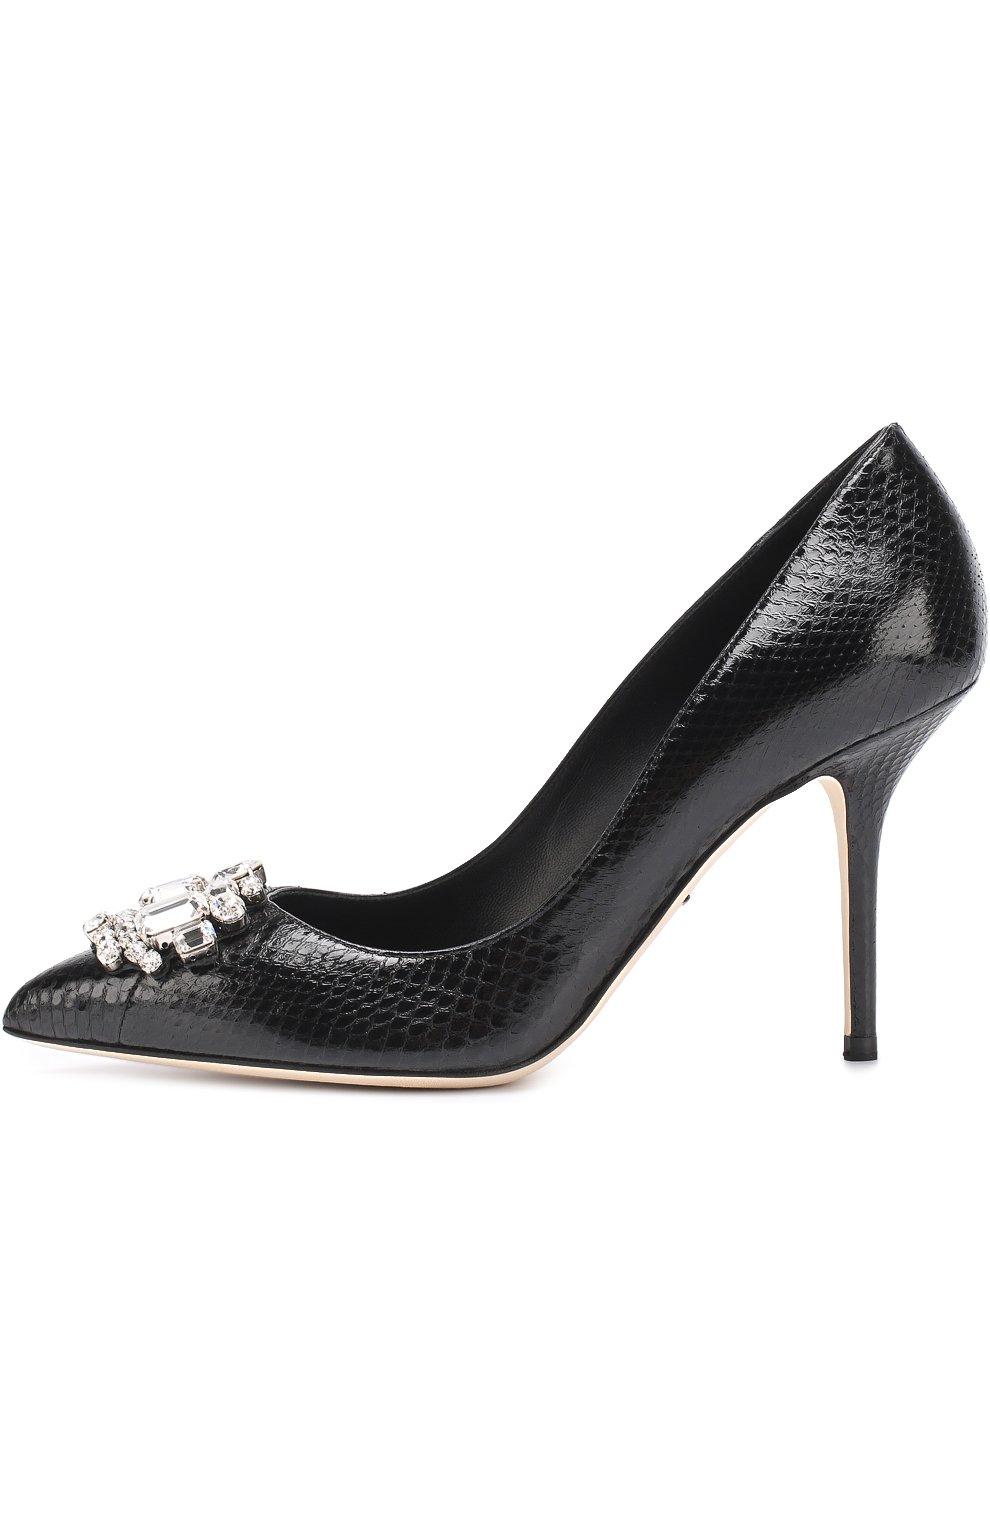 Кожаные туфли Bellucci с тиснением и брошью Dolce & Gabbana черные   Фото №3